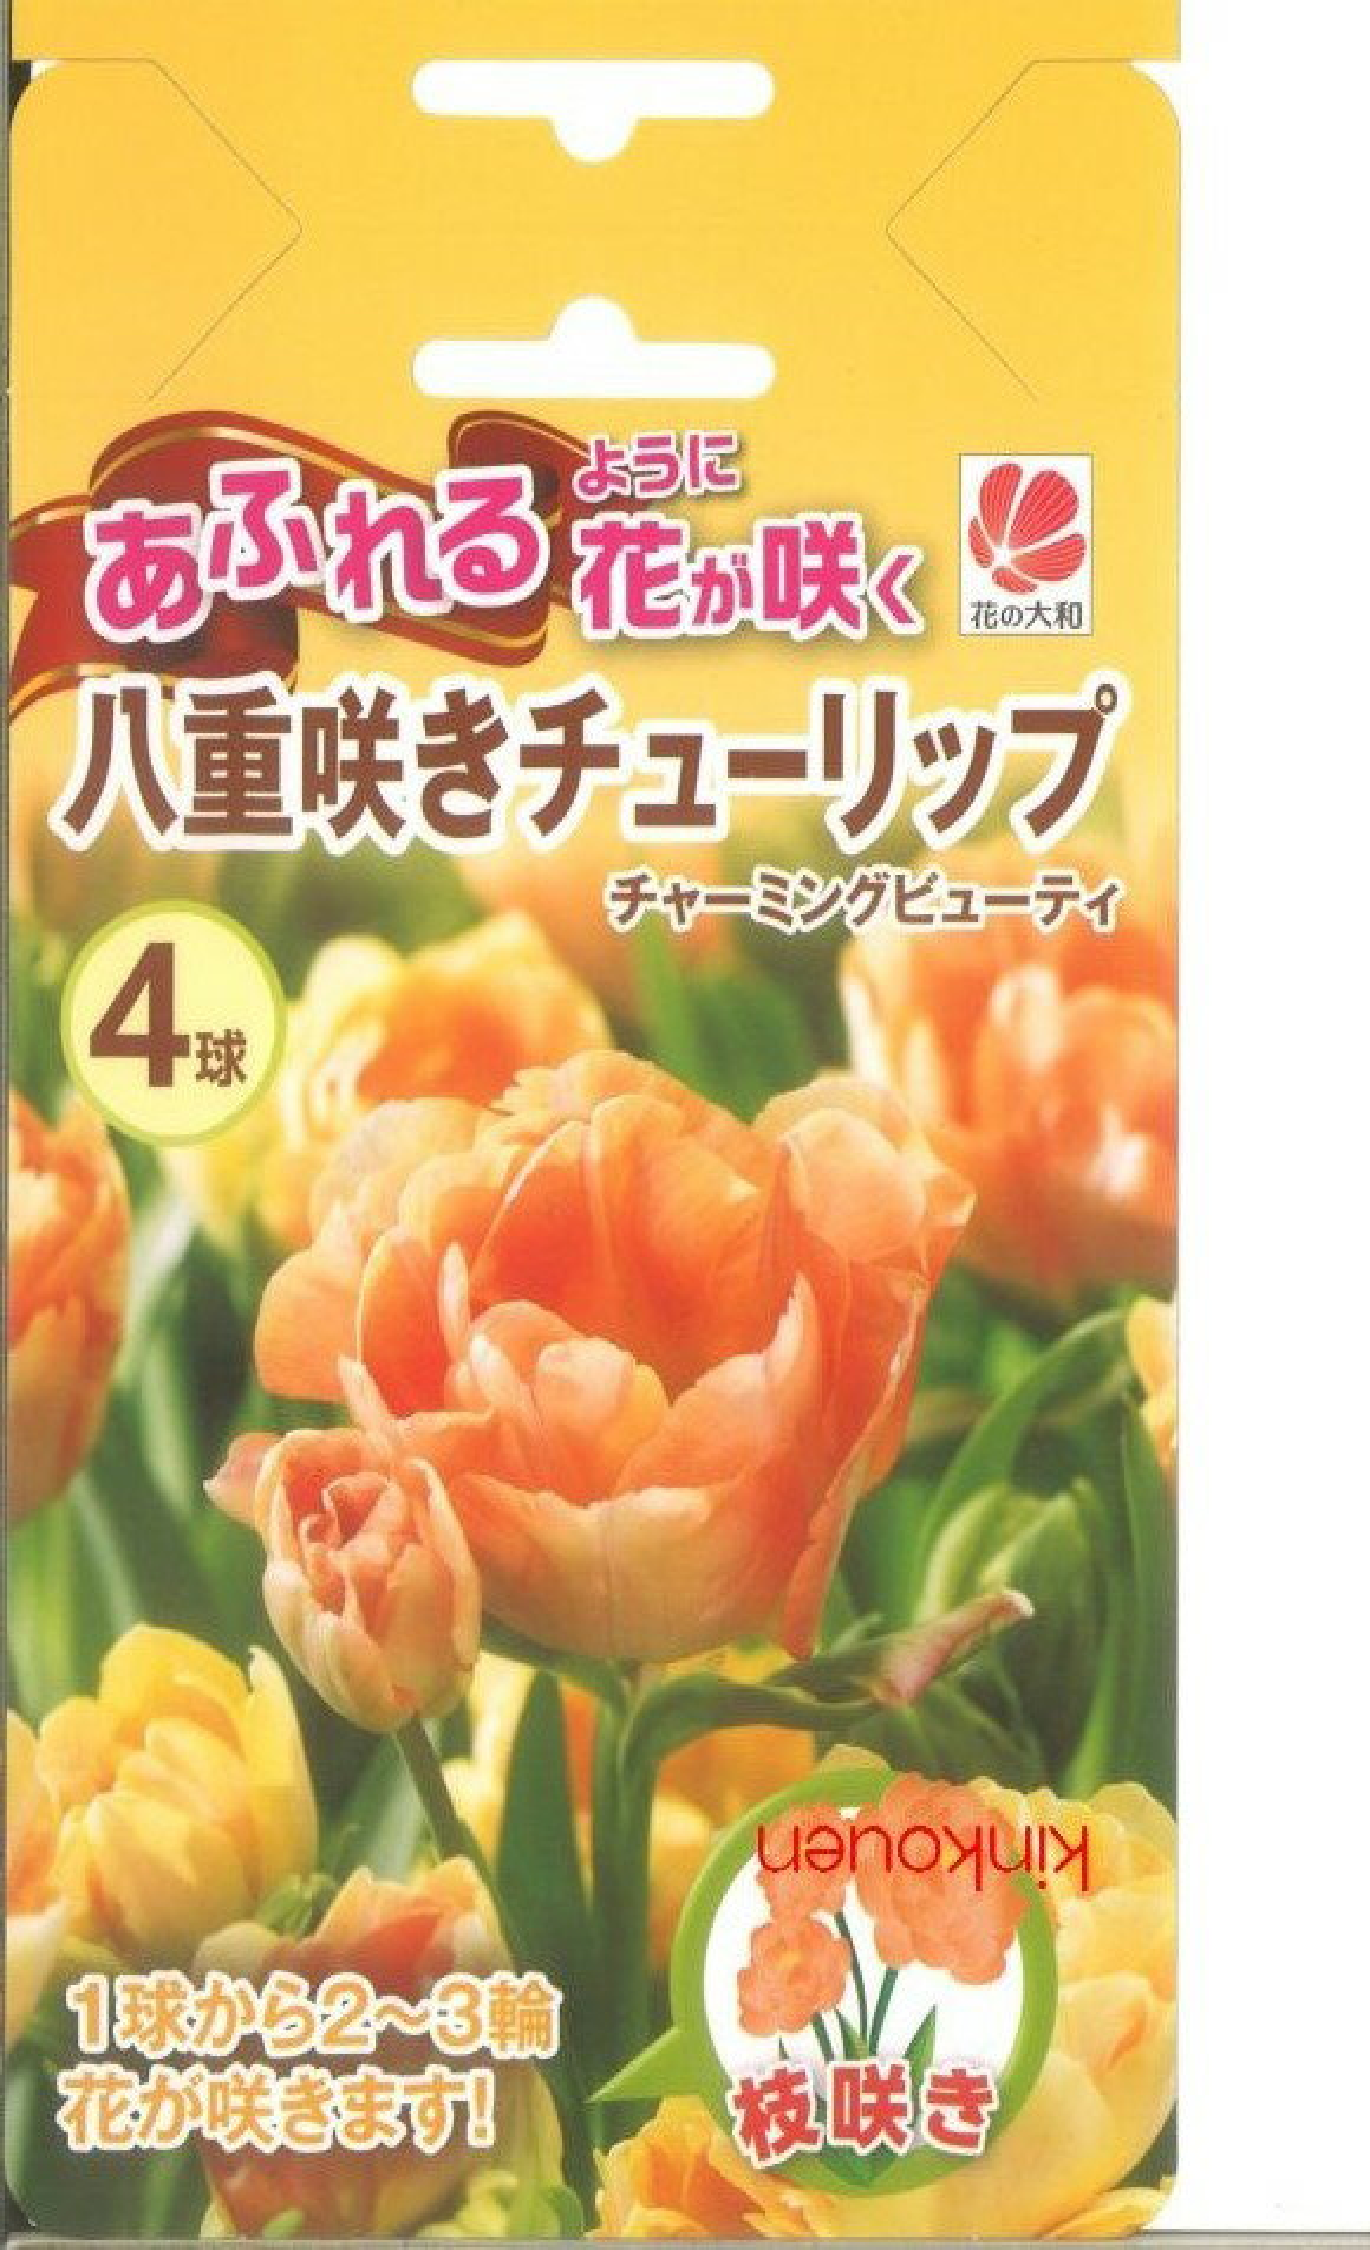 □ 八重咲きチューリップチャーミングビューティ4球